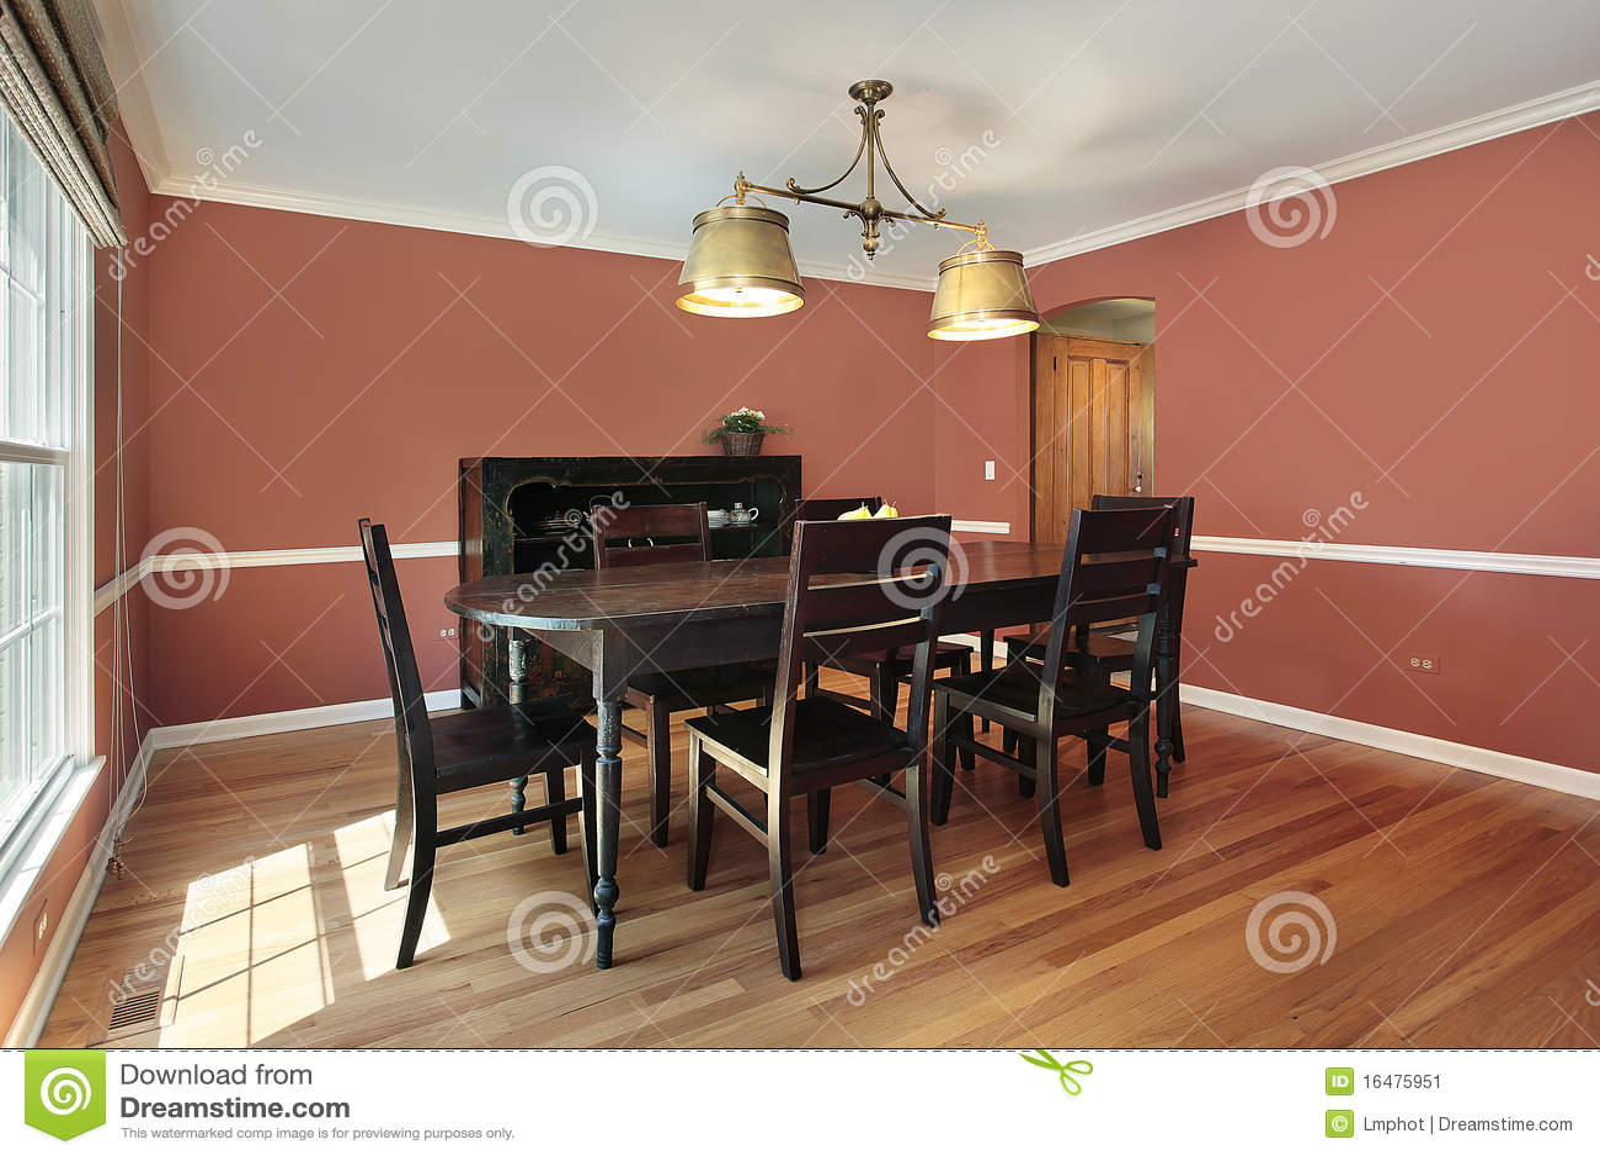 Sala da pranzo con le pareti colorate salmoni immagine for Pareti colorate immagini